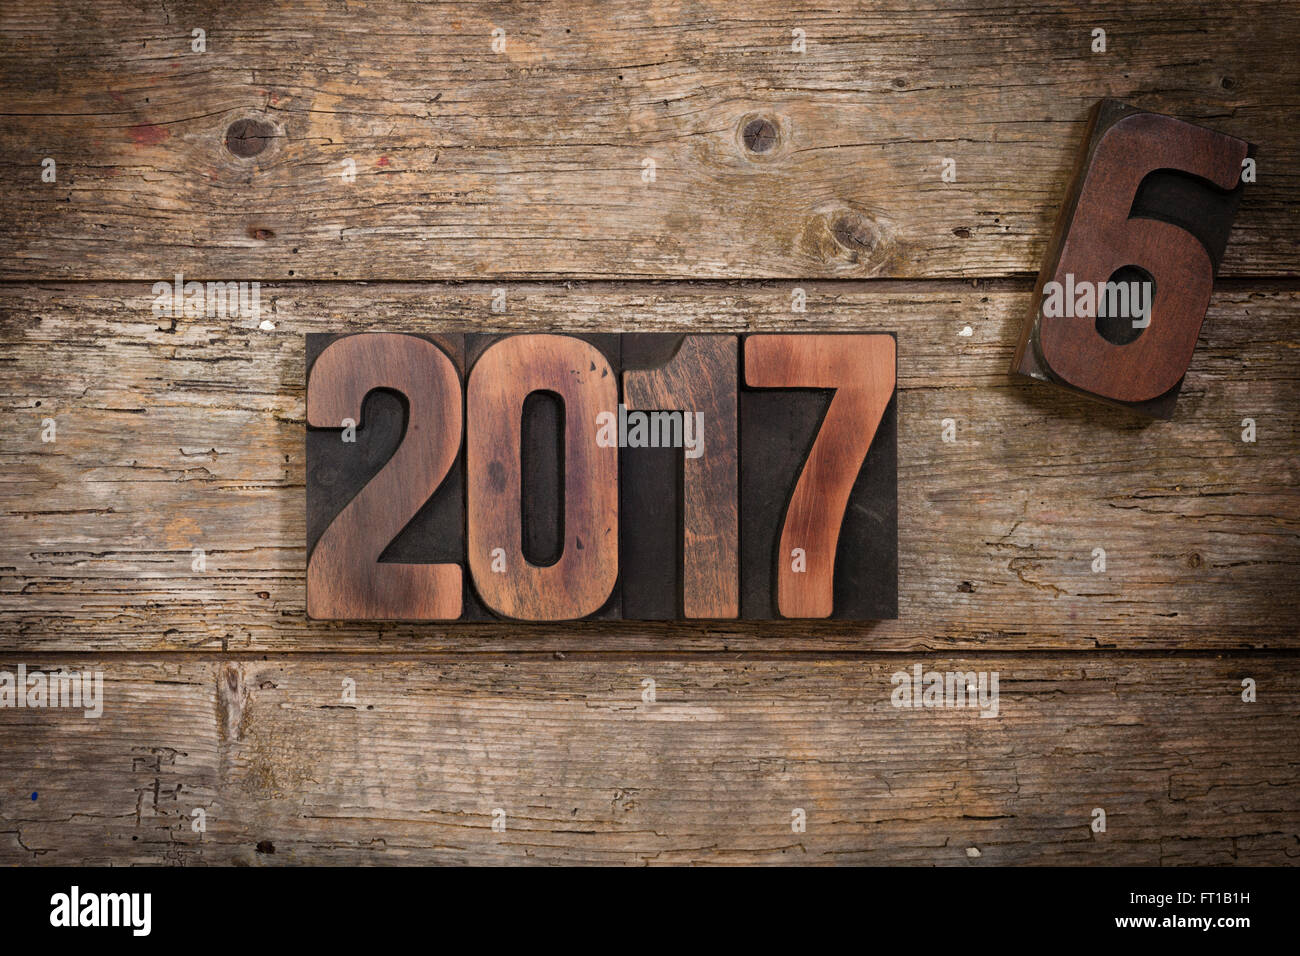 Wende des Jahres 2016, 2017 mit Vintage Buchdruck drucken Blocknummern auf rustikalen hölzernen Hintergrund Stockbild